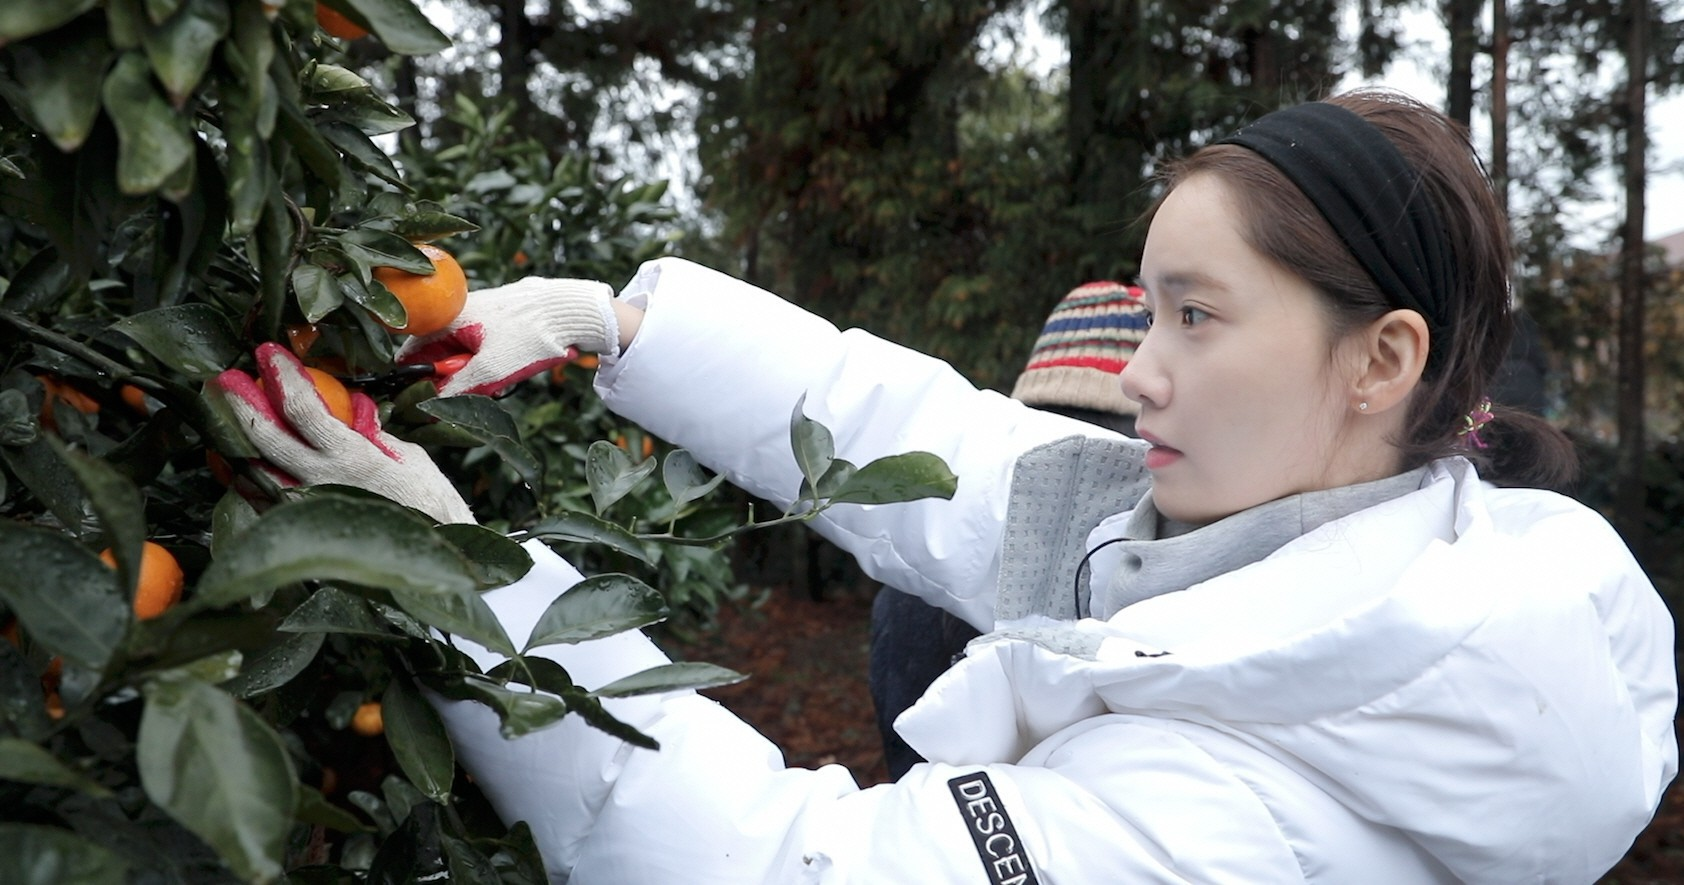 """Đẹp tự nhiên cỡ """"nữ thần"""" như Yoona cũng phải nghiêm túc chăm sóc da dẻ mỗi ngày với 4 tips sau - Ảnh 1."""